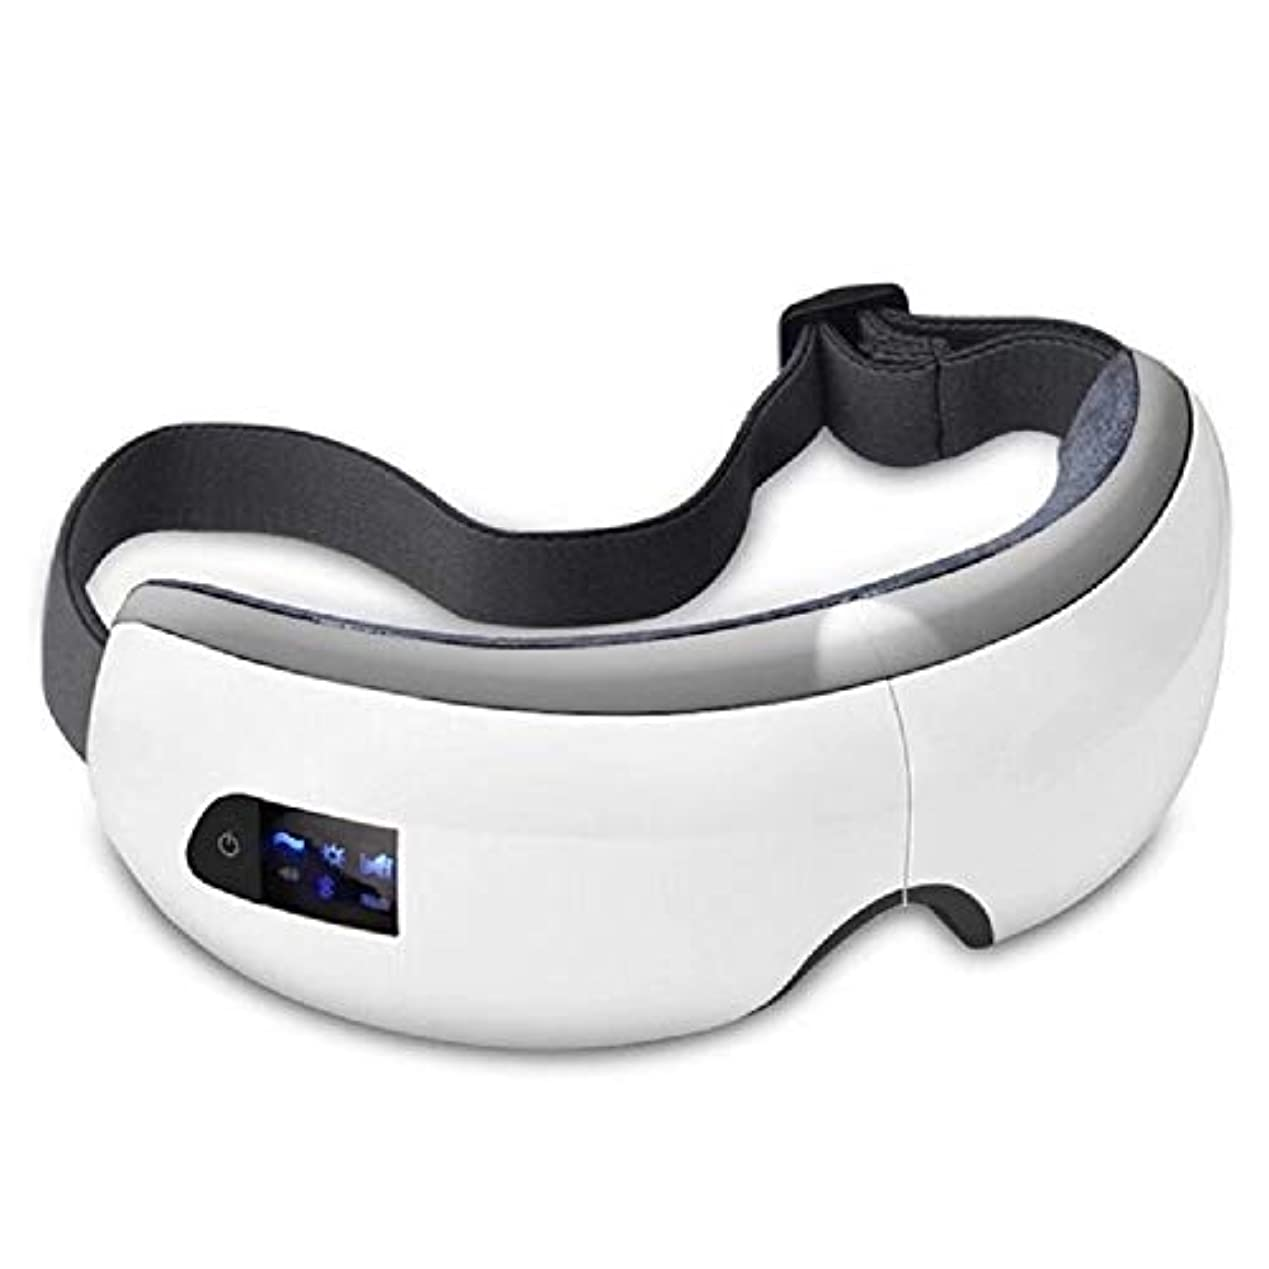 ために鋸歯状びっくりするOstulla 流行の目のマッサージのSPAの器械、熱療法が付いている電気アイマッサージャー 気配りの行き届いたサービス